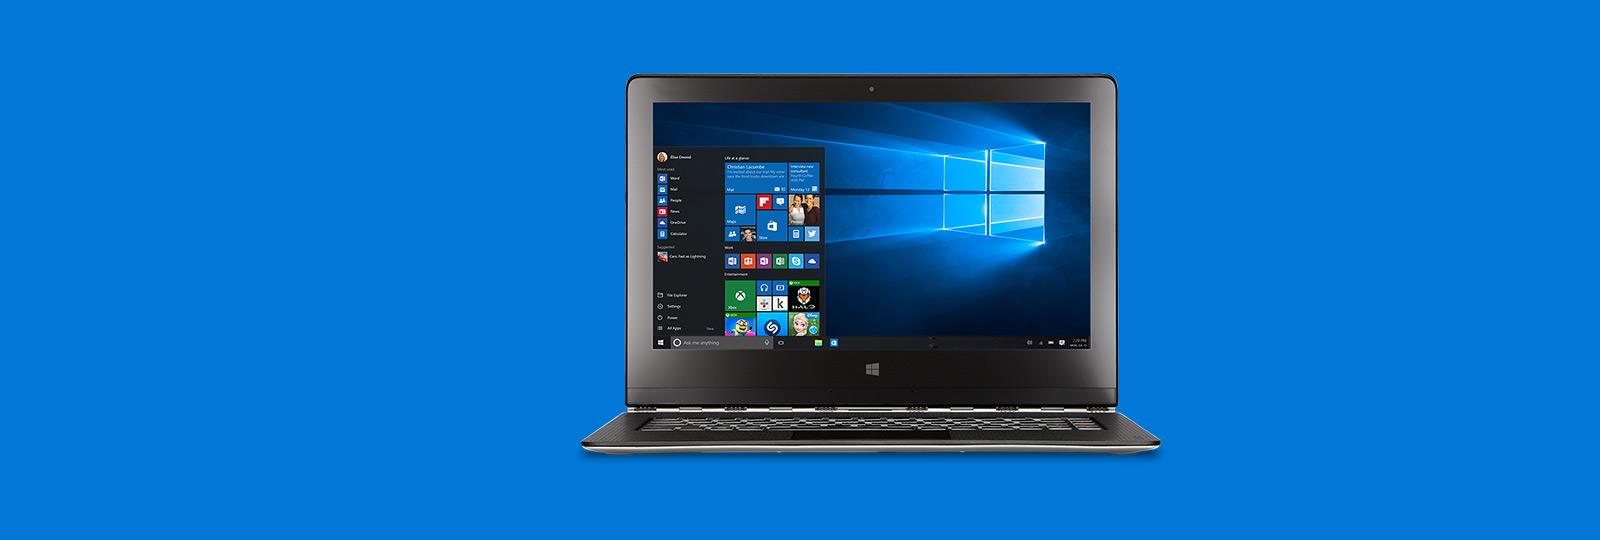 Лучшая на сегодняшний день версия Windows. Воспользуйтесь возможностью бесплатного обновления*.